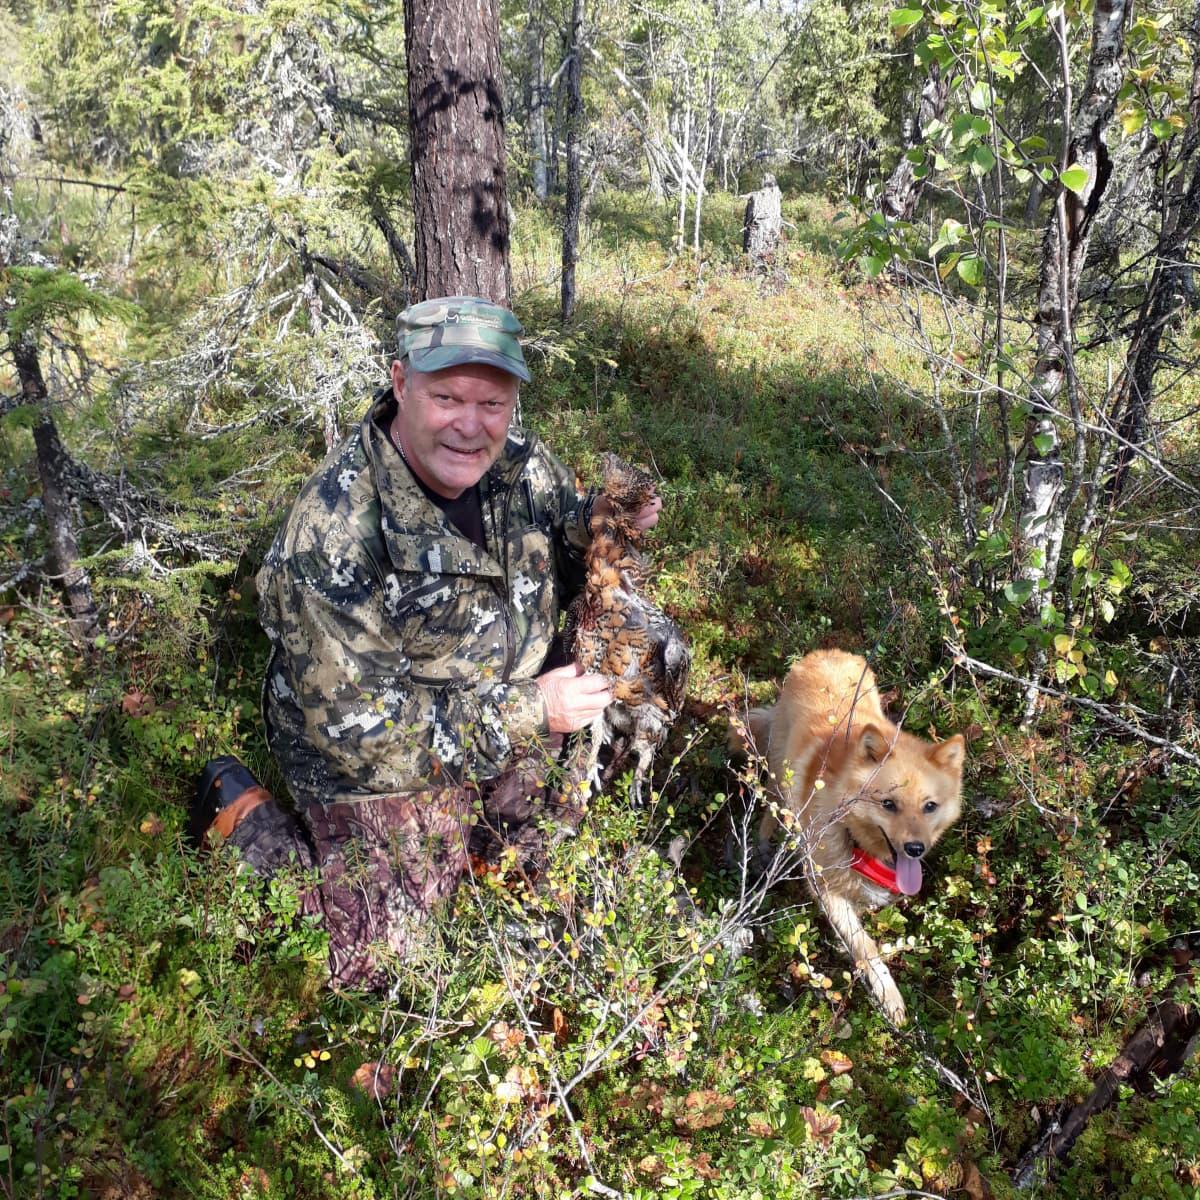 Maastopukuinen Raimo Johansson pitelee ampumaansa koppeloa, vieressä suomenpystykorva.